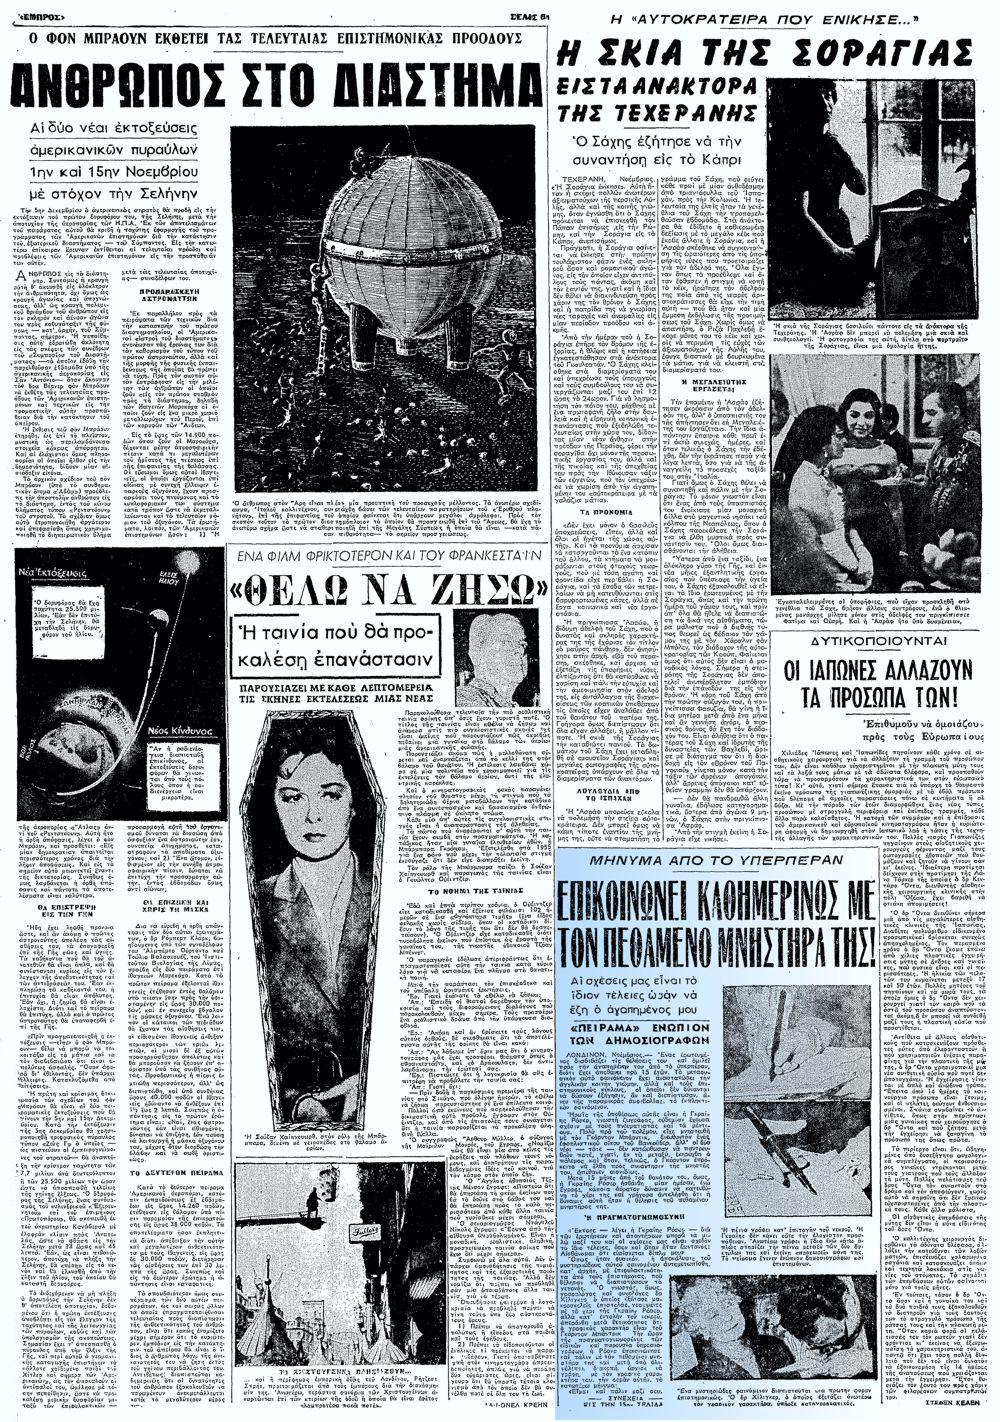 """Το άρθρο, όπως δημοσιεύθηκε στην εφημερίδα """"ΕΜΠΡΟΣ"""", στις 29/11/1958"""